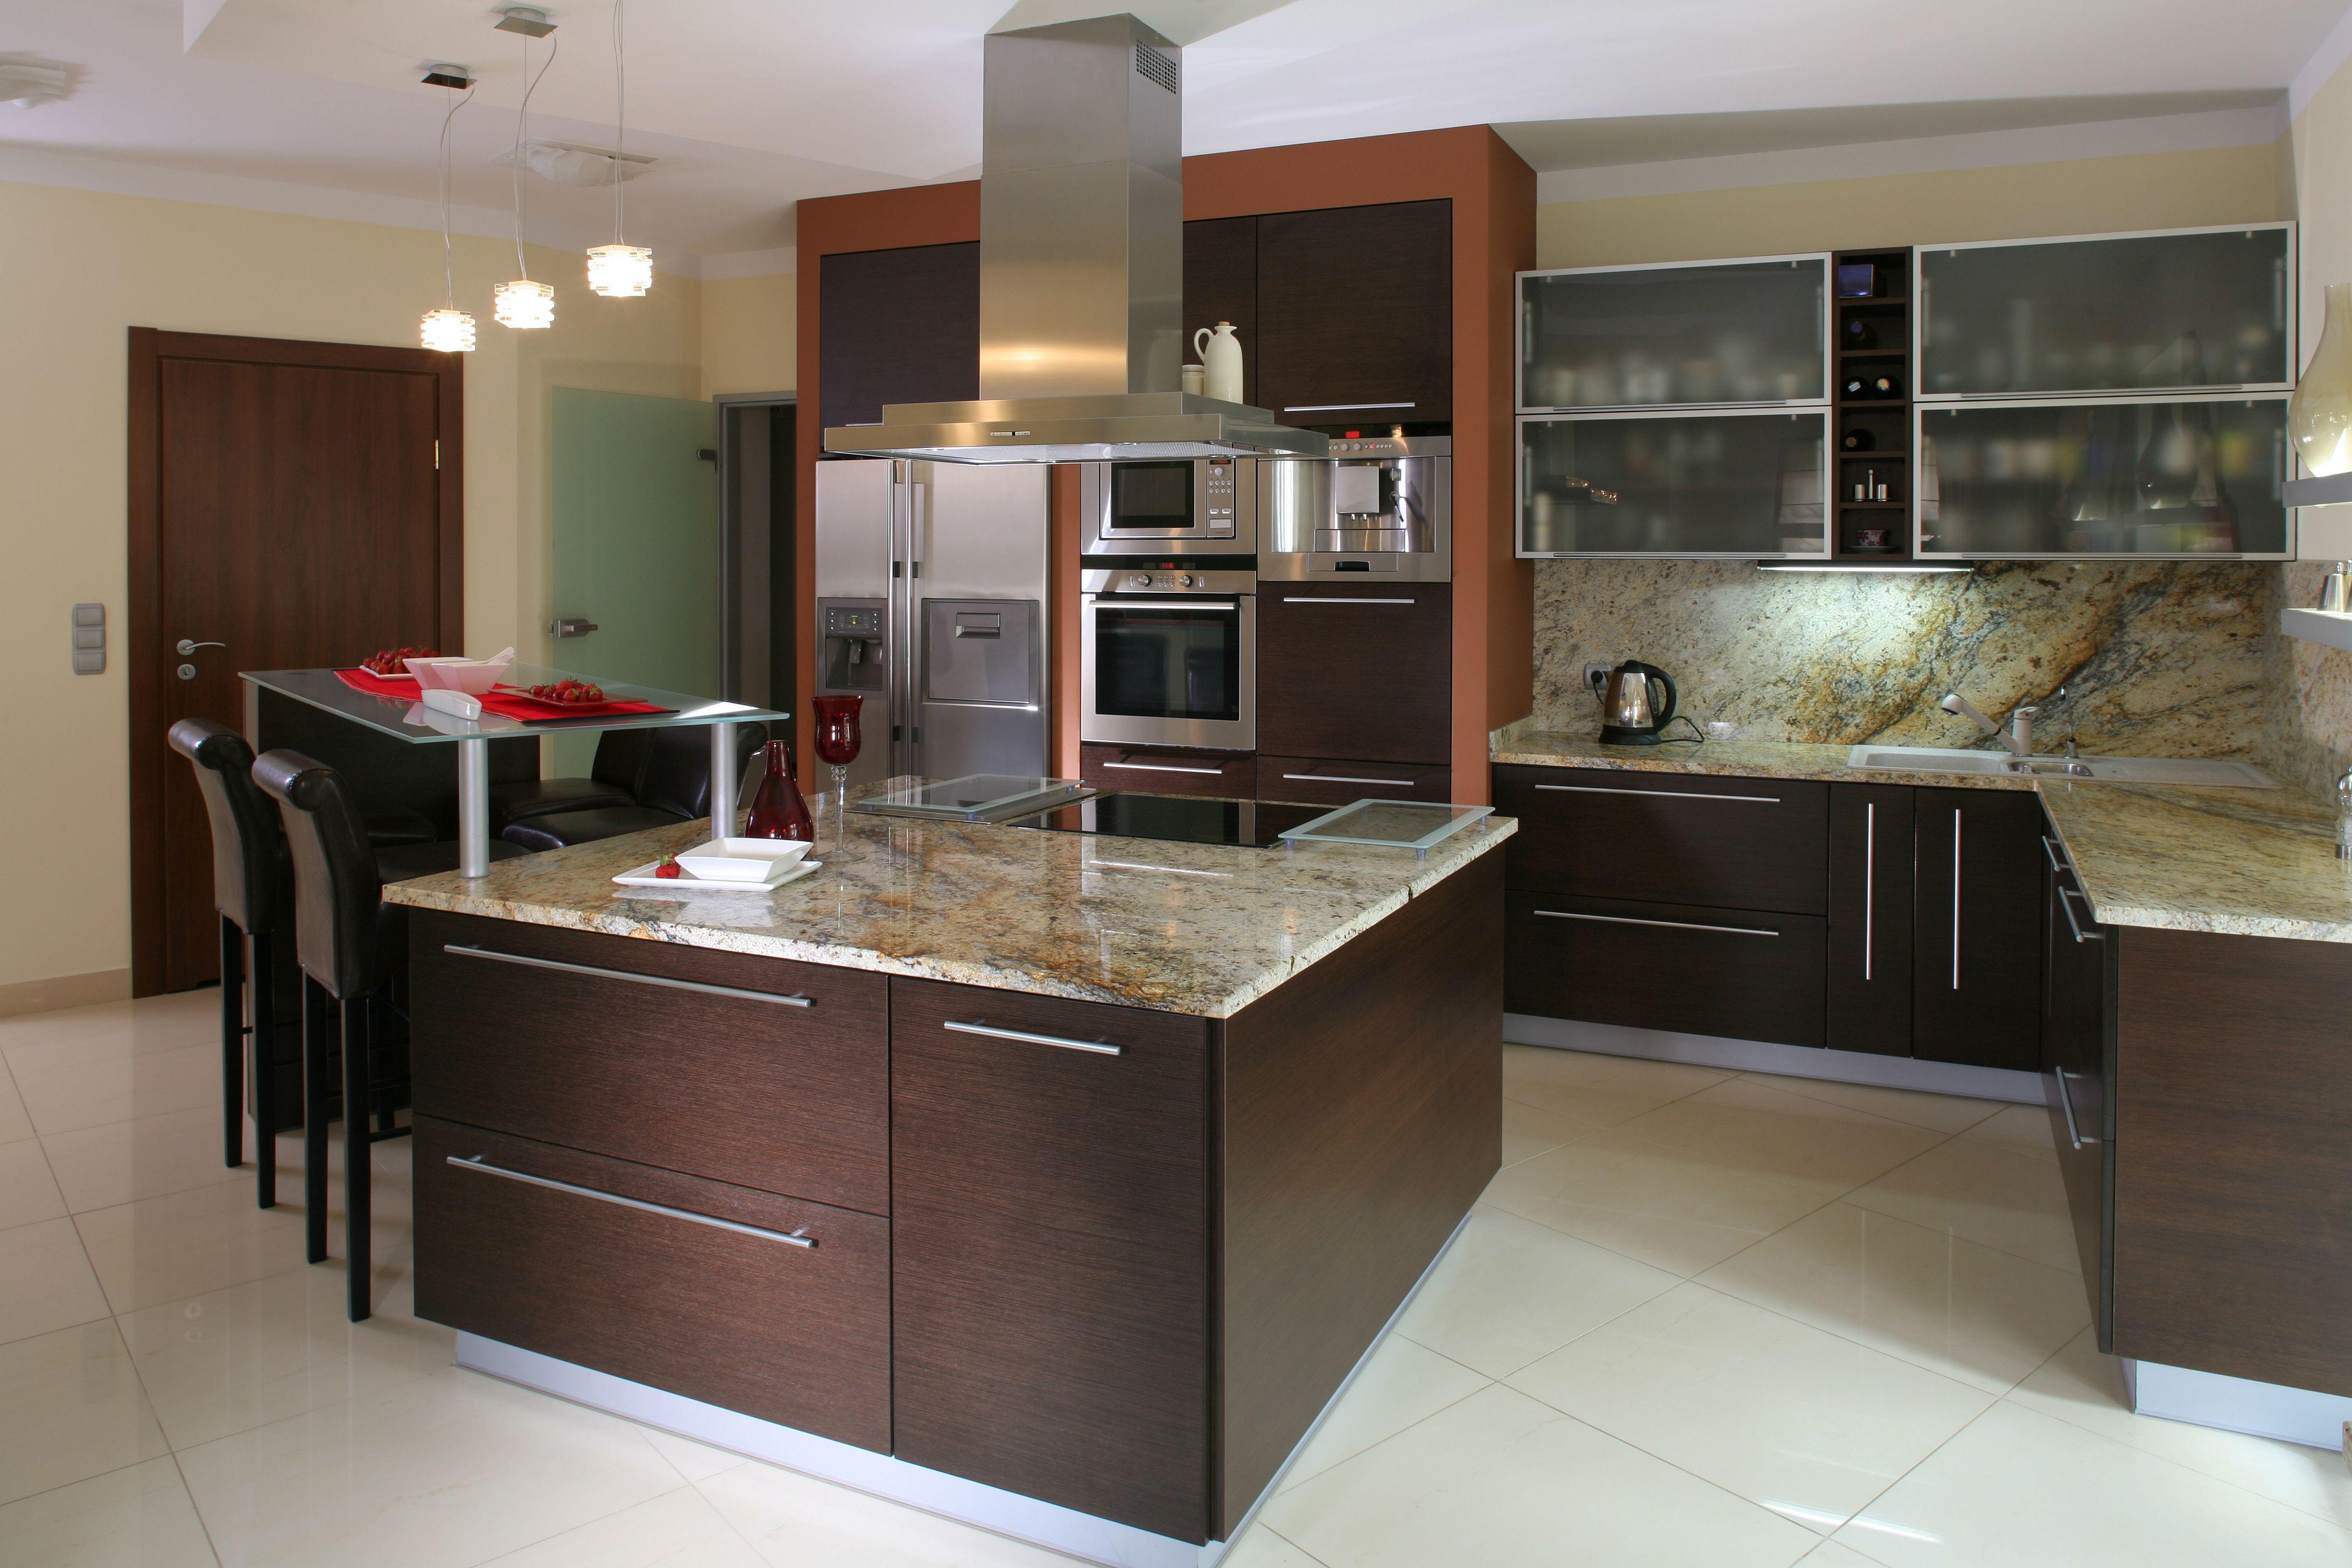 Porcelanosa Kitchen Cabinets Dimensions Design Center Kitchen Bathroom Design Remodeling